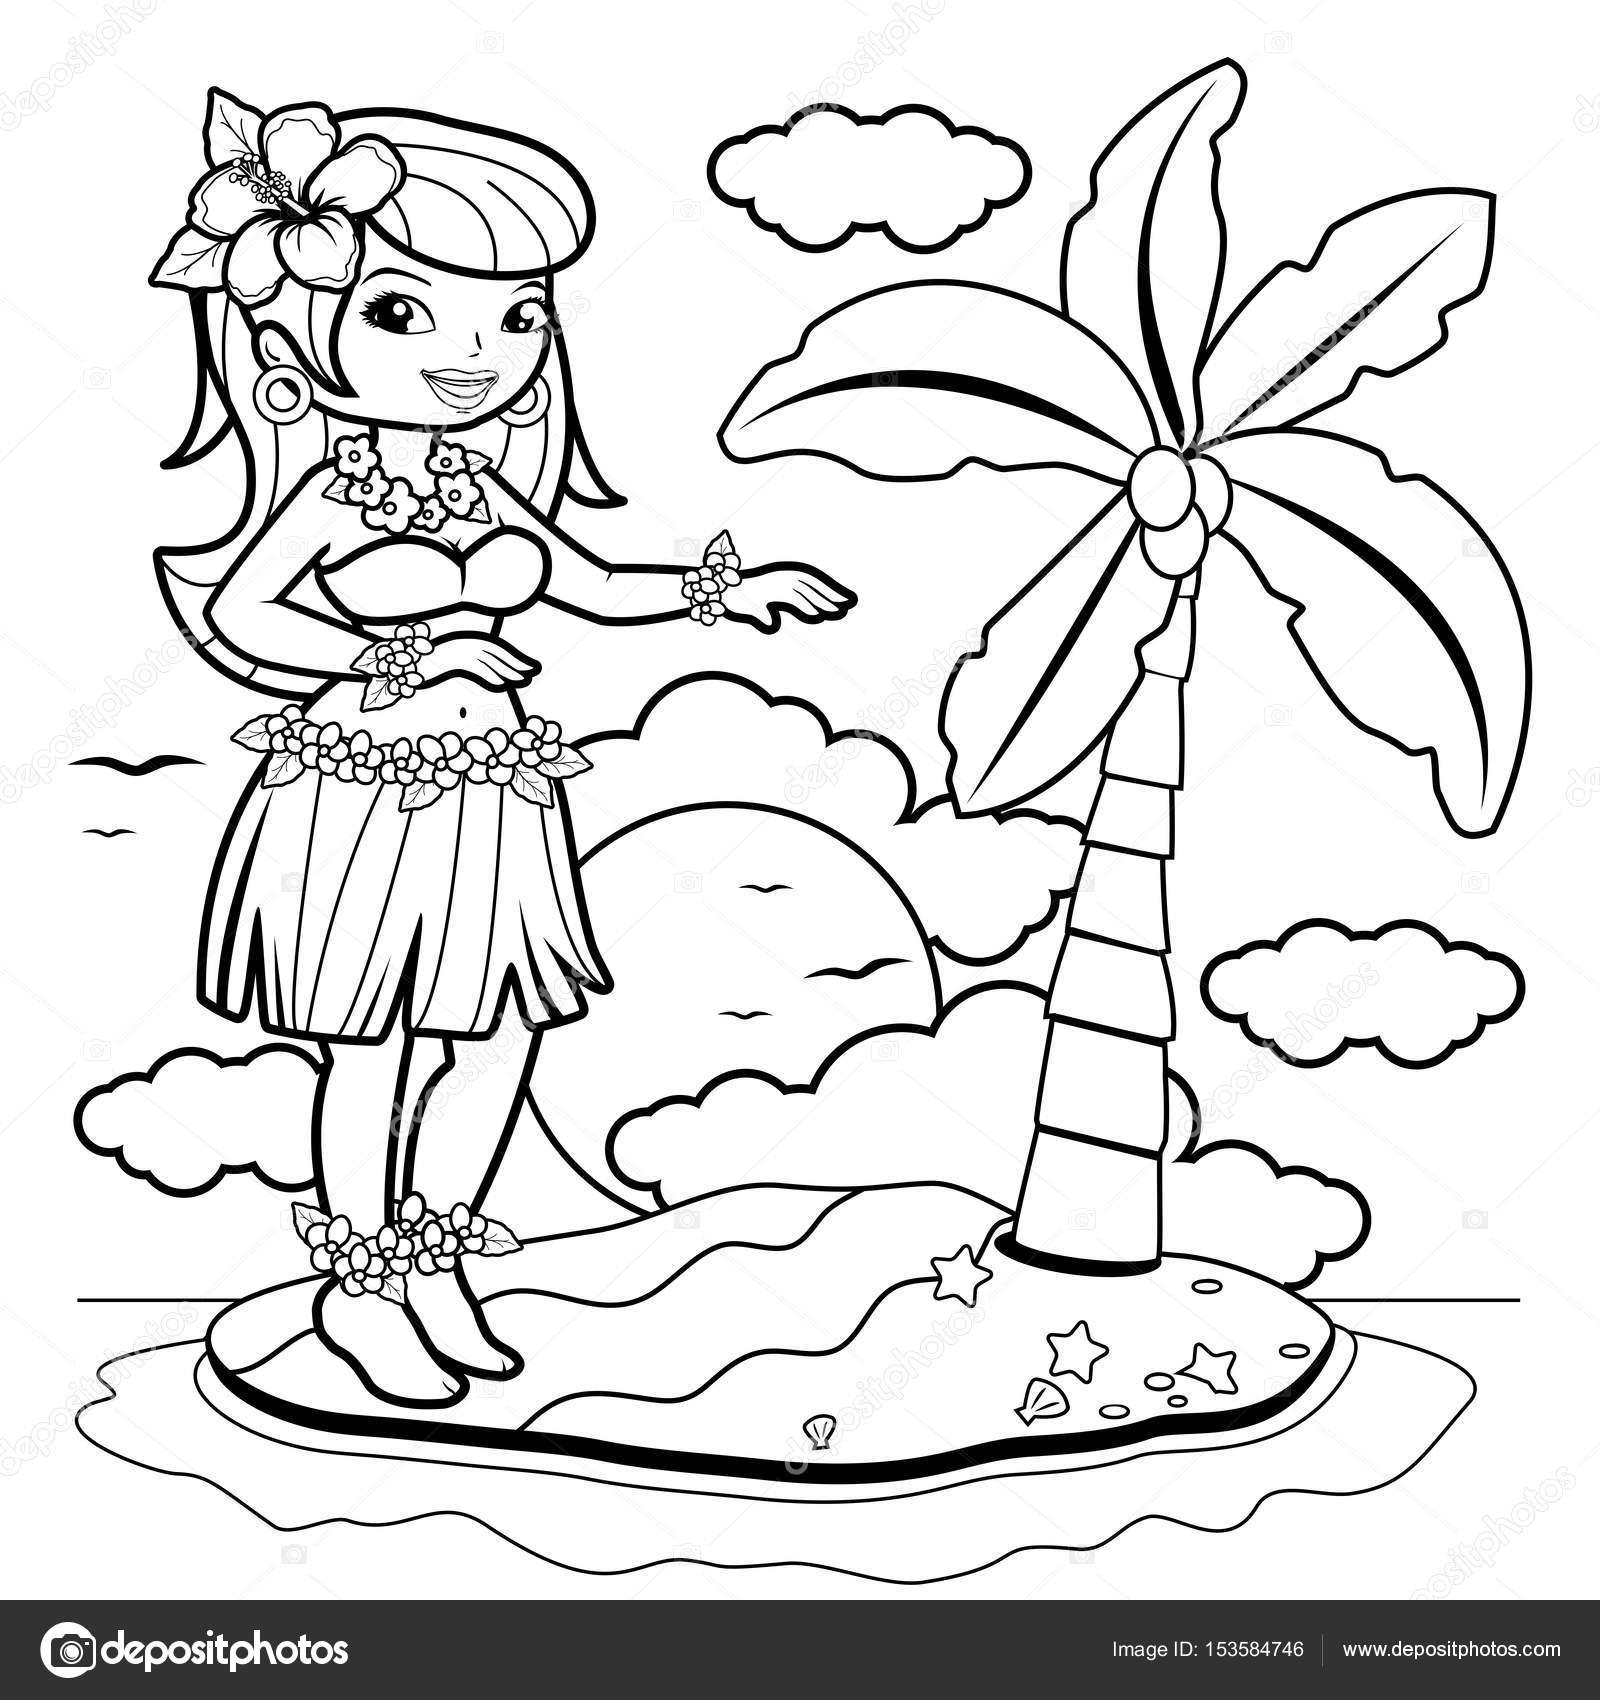 Coloriage De Danseuse De Hula.Danseuse De Hula Hawaienne Femme Sur Une Ile Page De Livre De